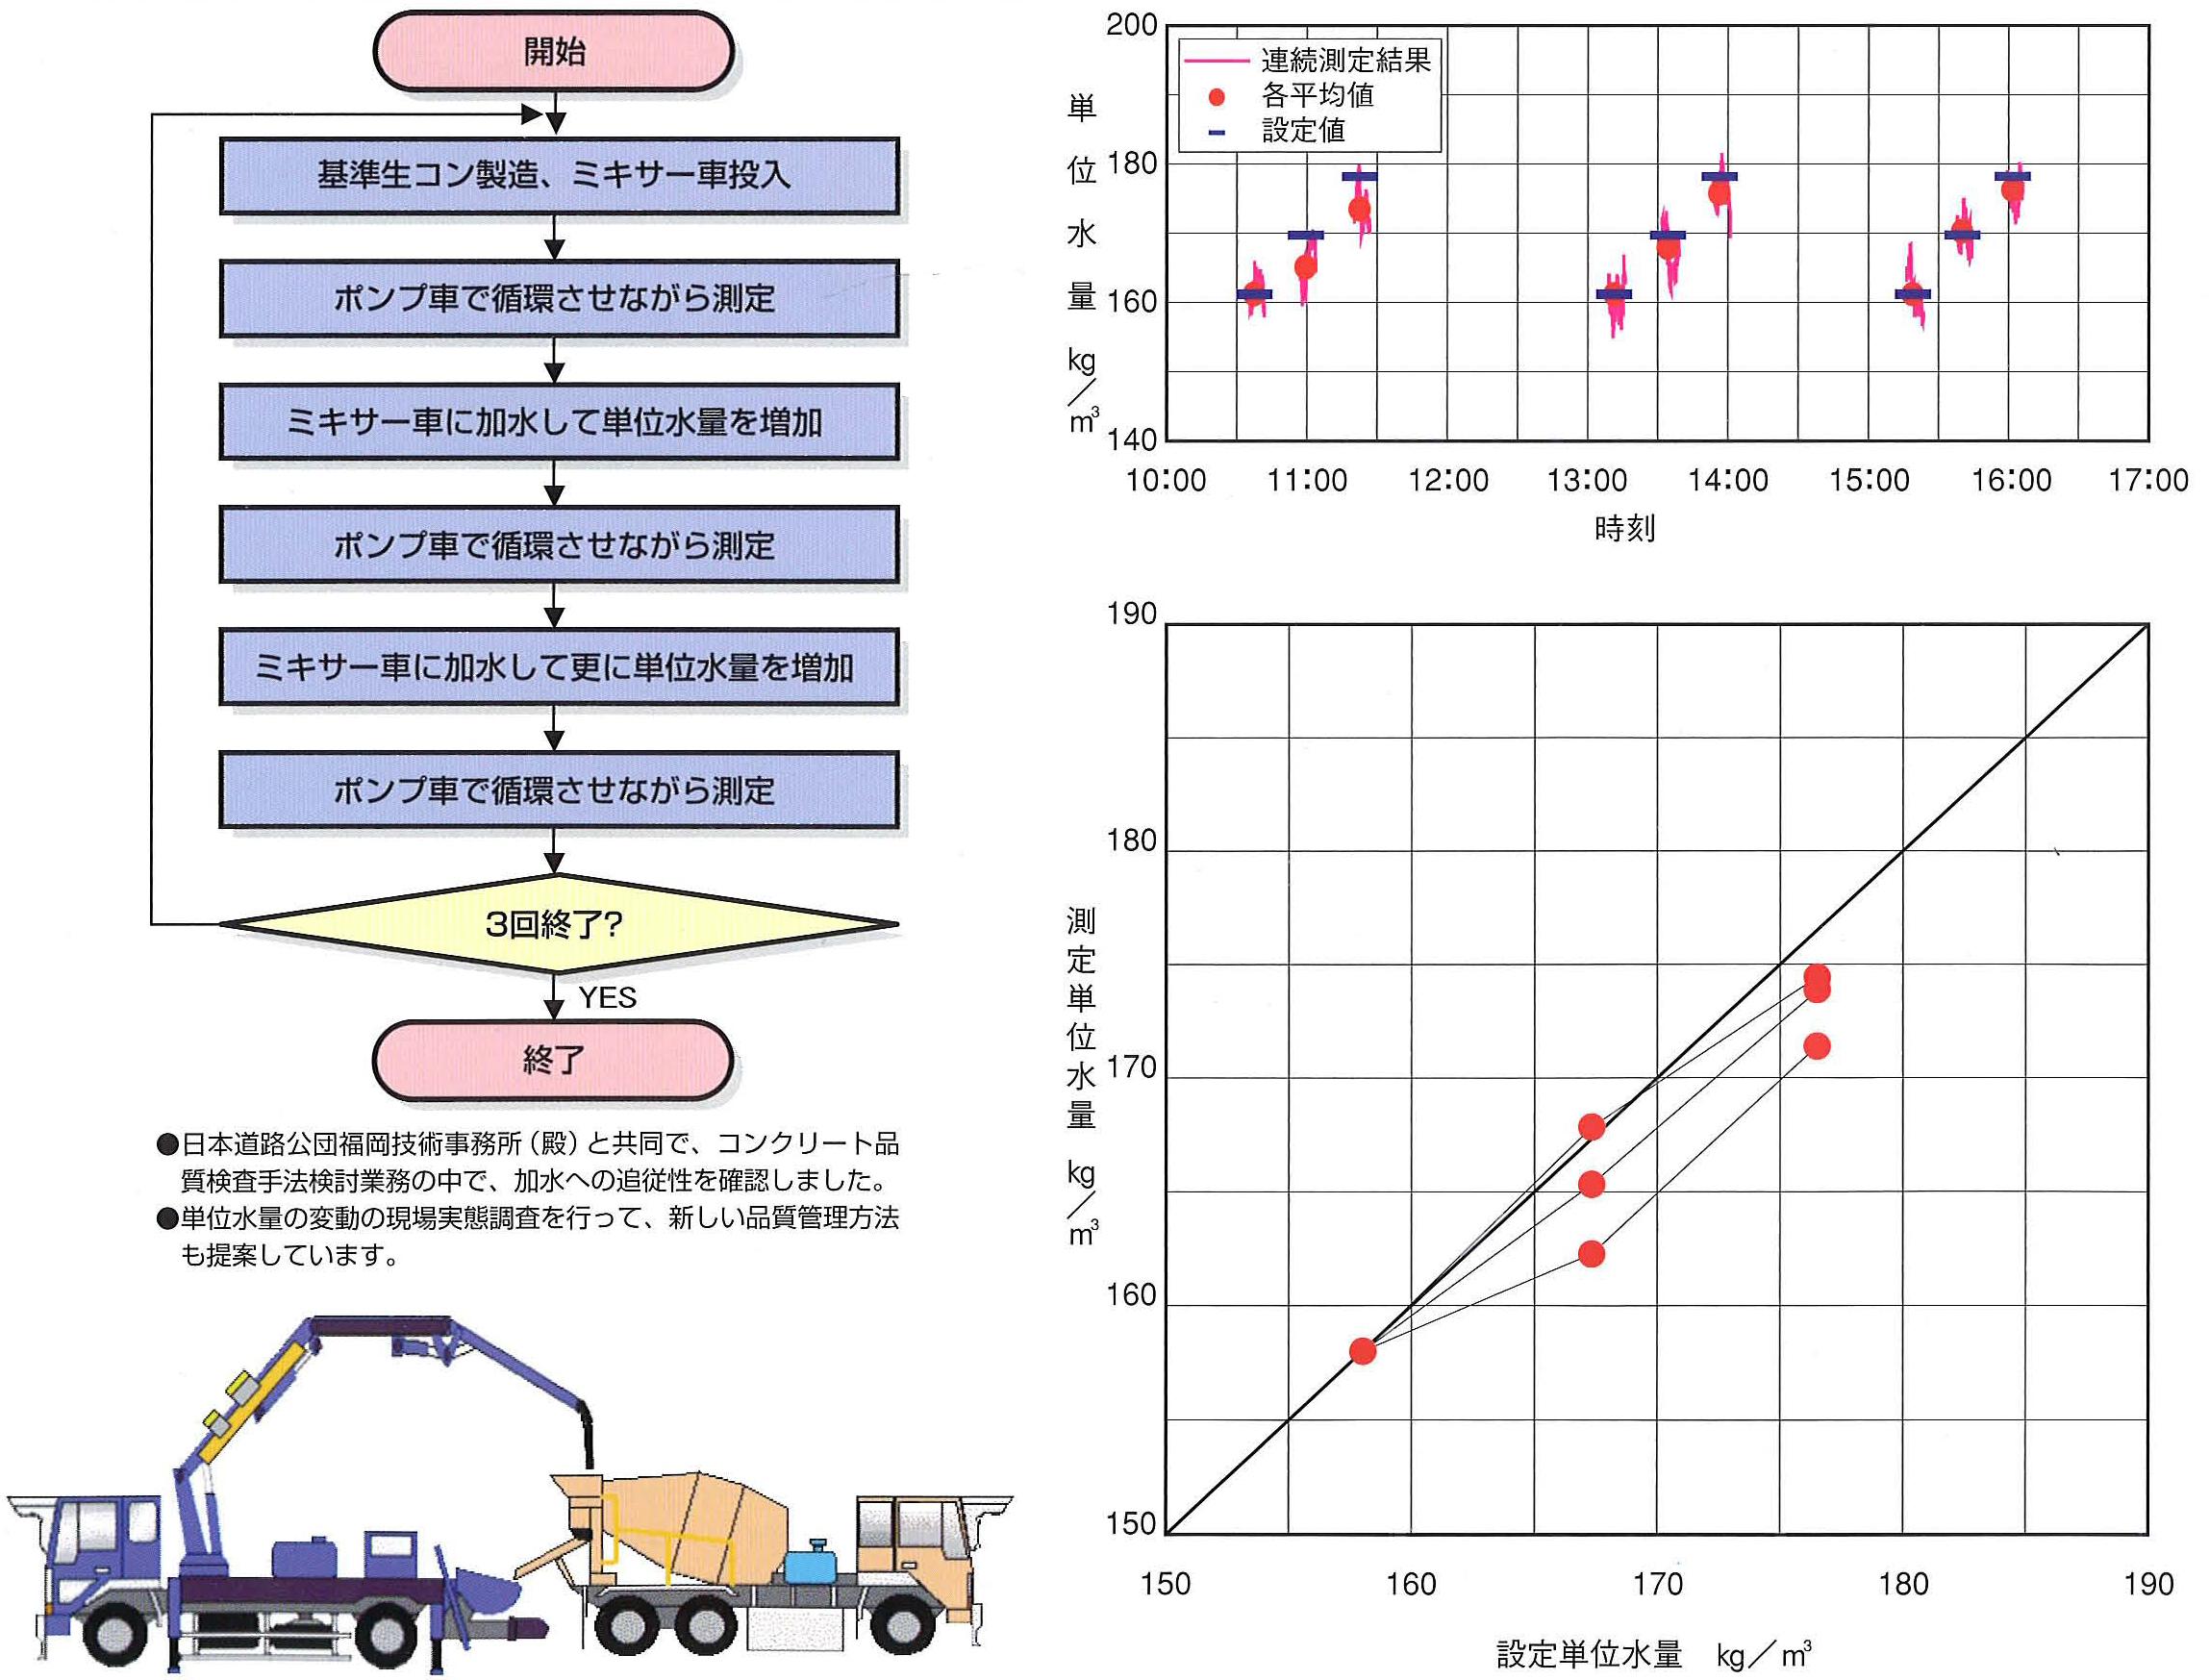 単位水量変化(加水)に対する測定器値の追従性の確認